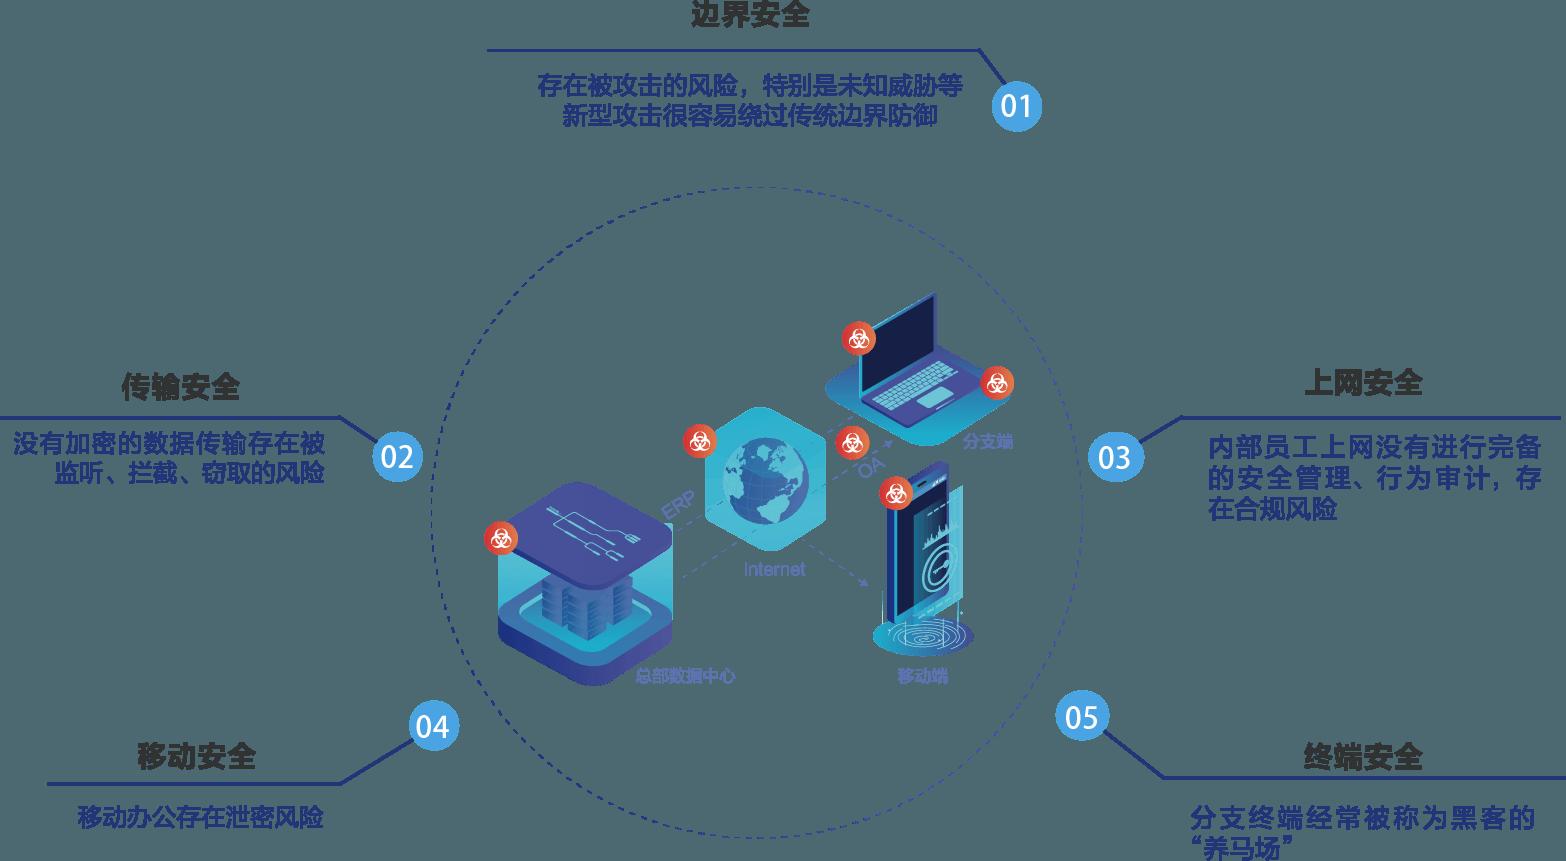 广域网安全体系建设